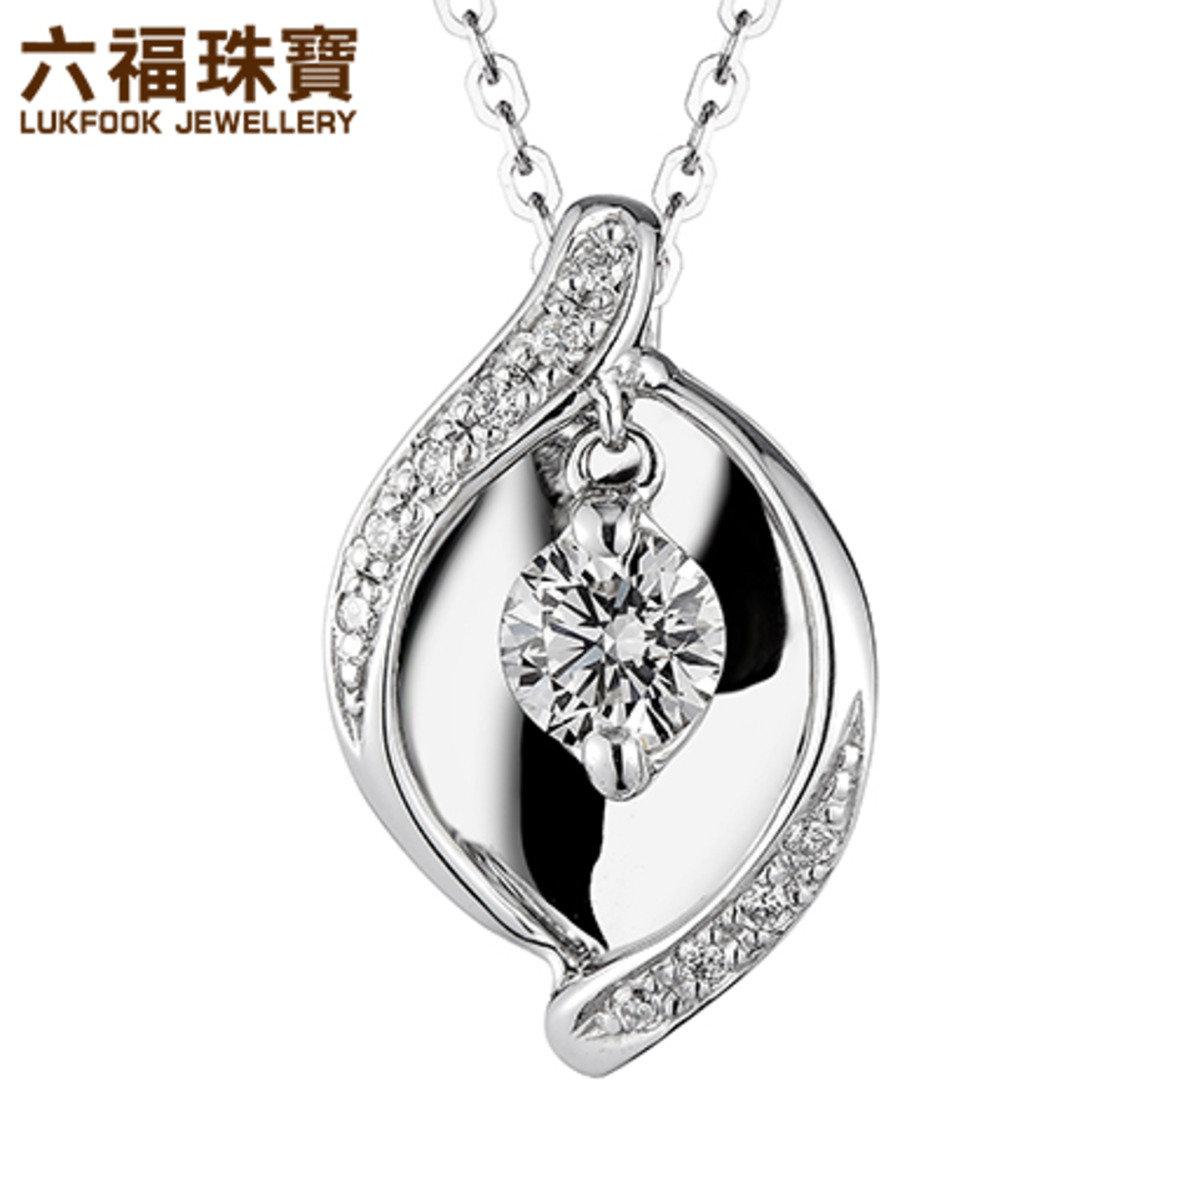 18K/750金(白色)鑲單鑽石襯鑽石吊墜